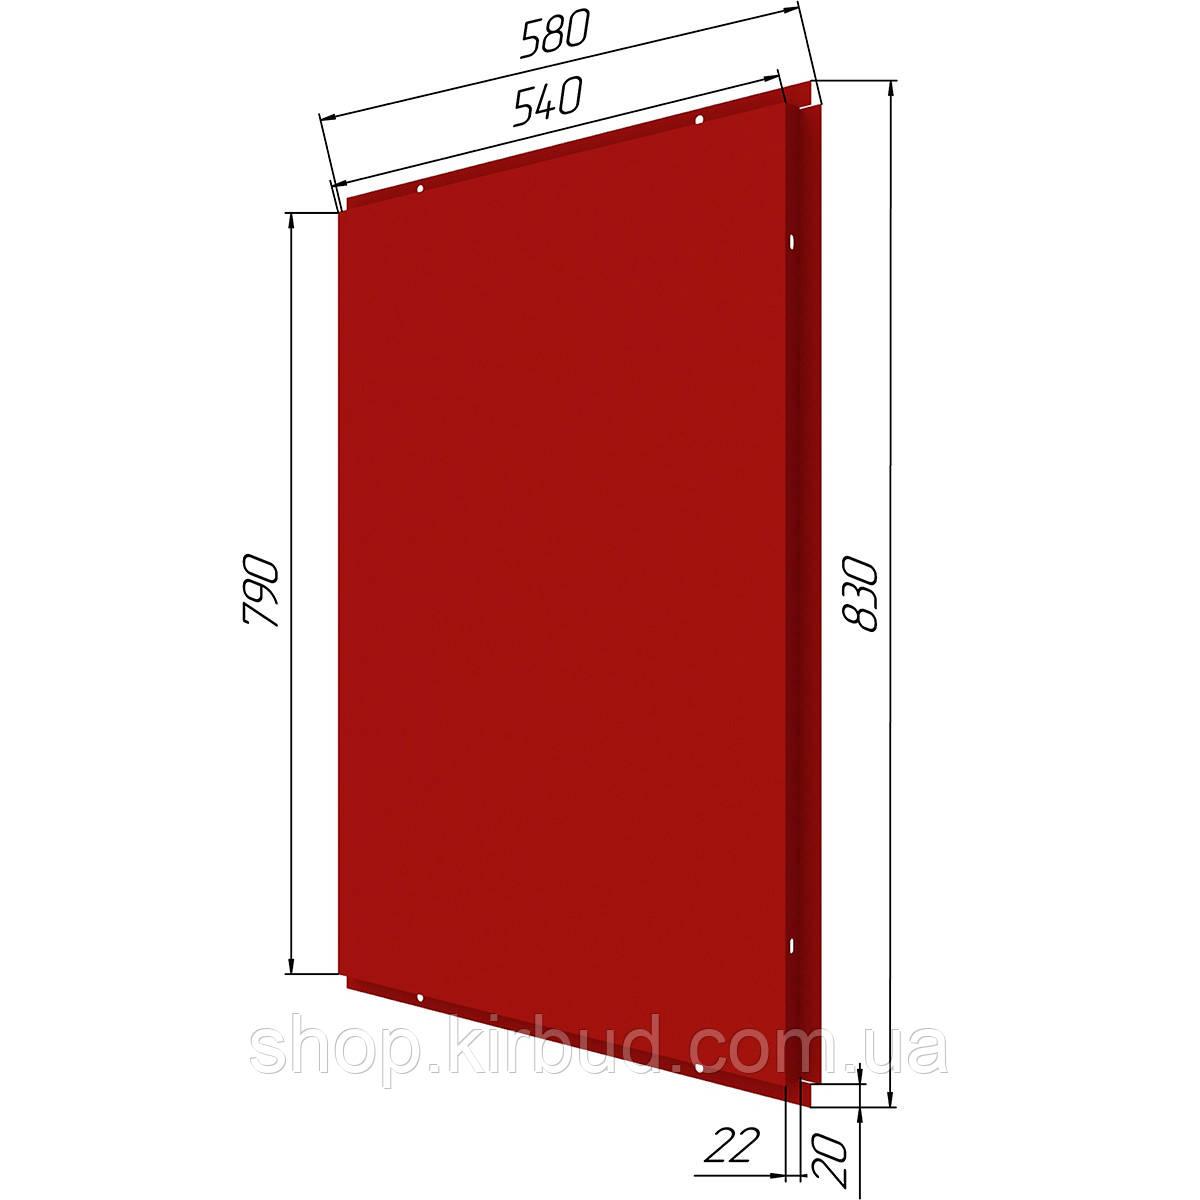 Фасадные касети (под заказ) глянц 0,45мм 580х830мм